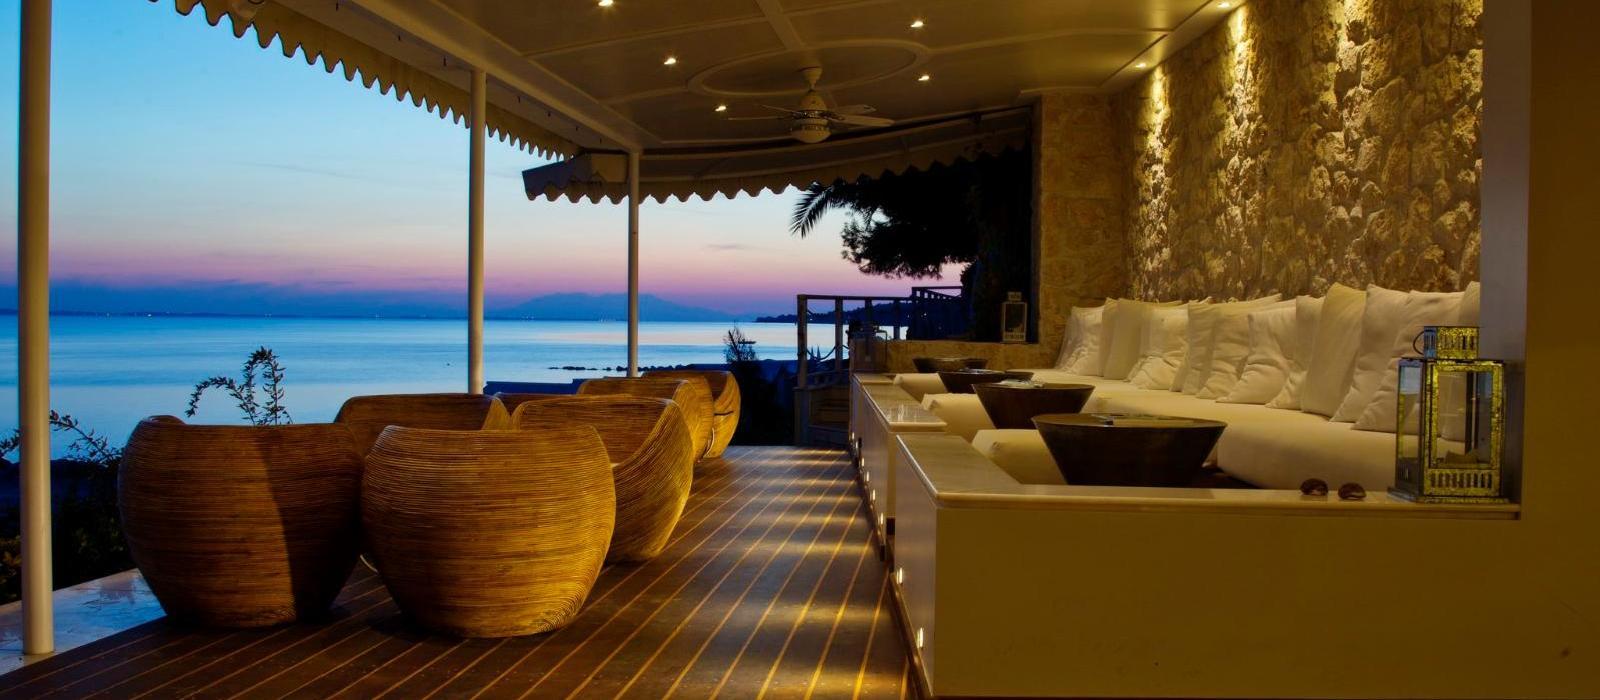 达纳伊别墅度假酒店(Danai Beach Resort & Villas) 图片  www.lhw.cn